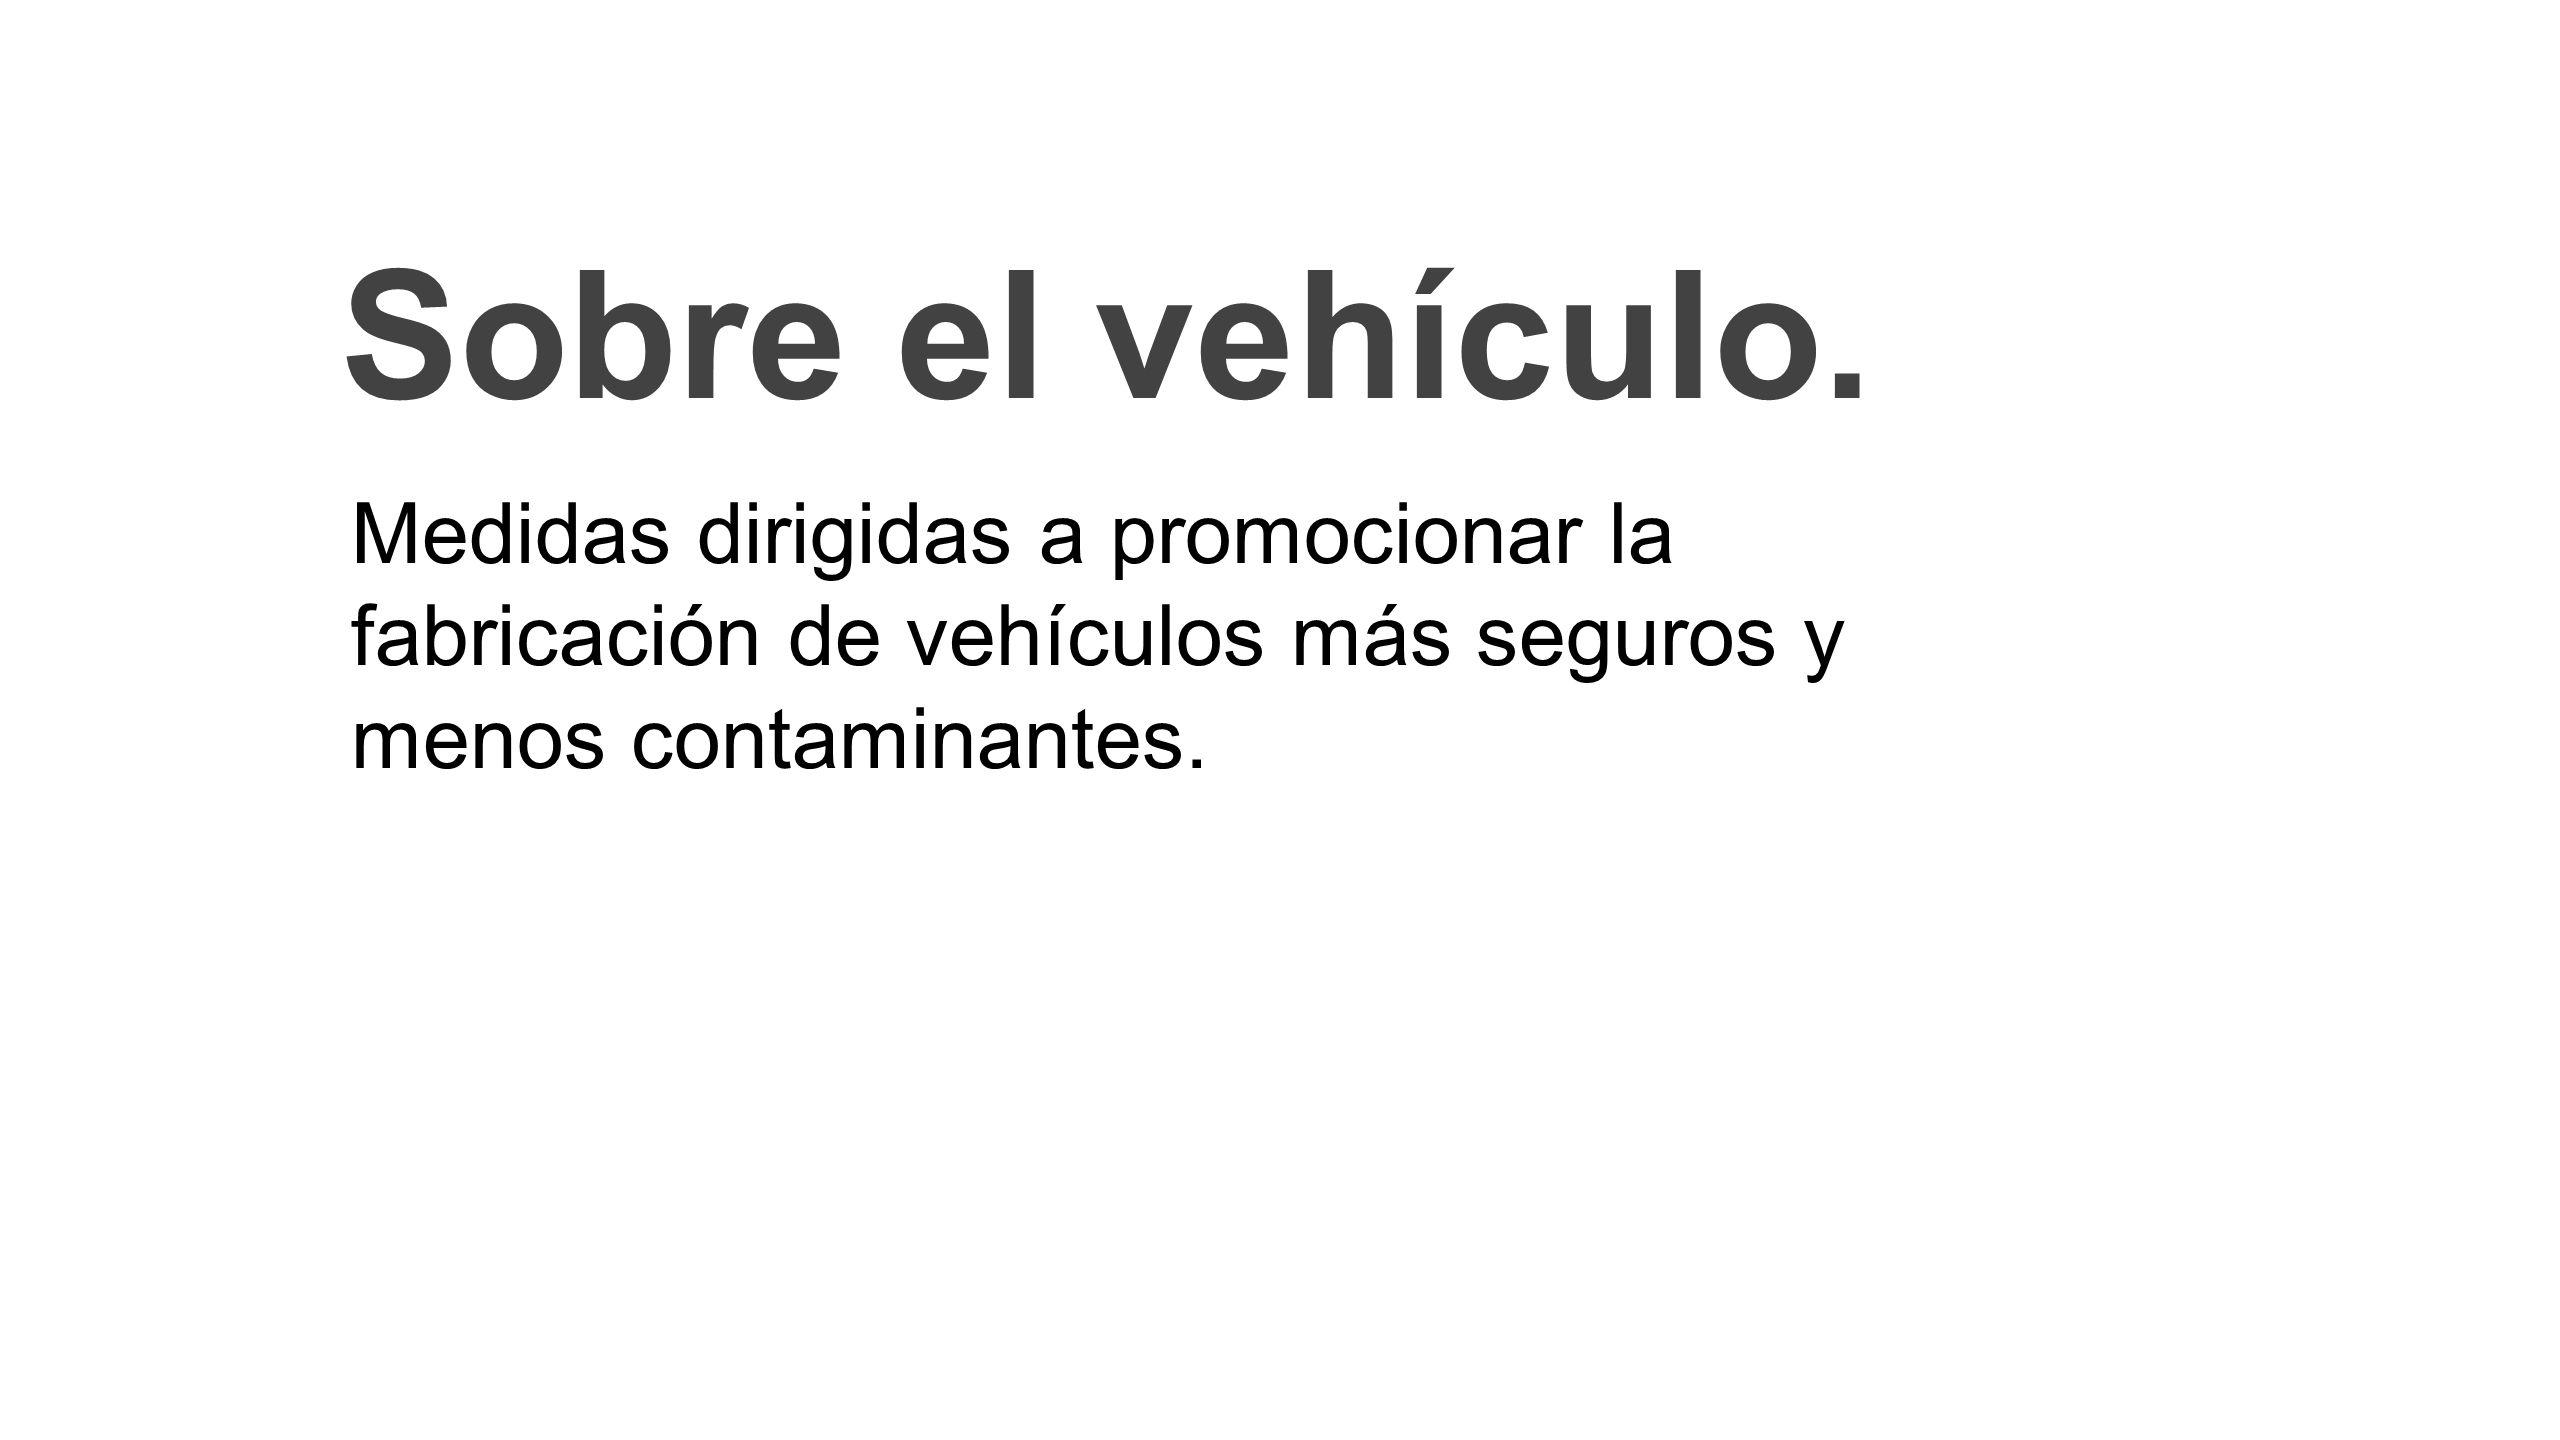 Sobre el vehículo. Medidas dirigidas a promocionar la fabricación de vehículos más seguros y menos contaminantes.